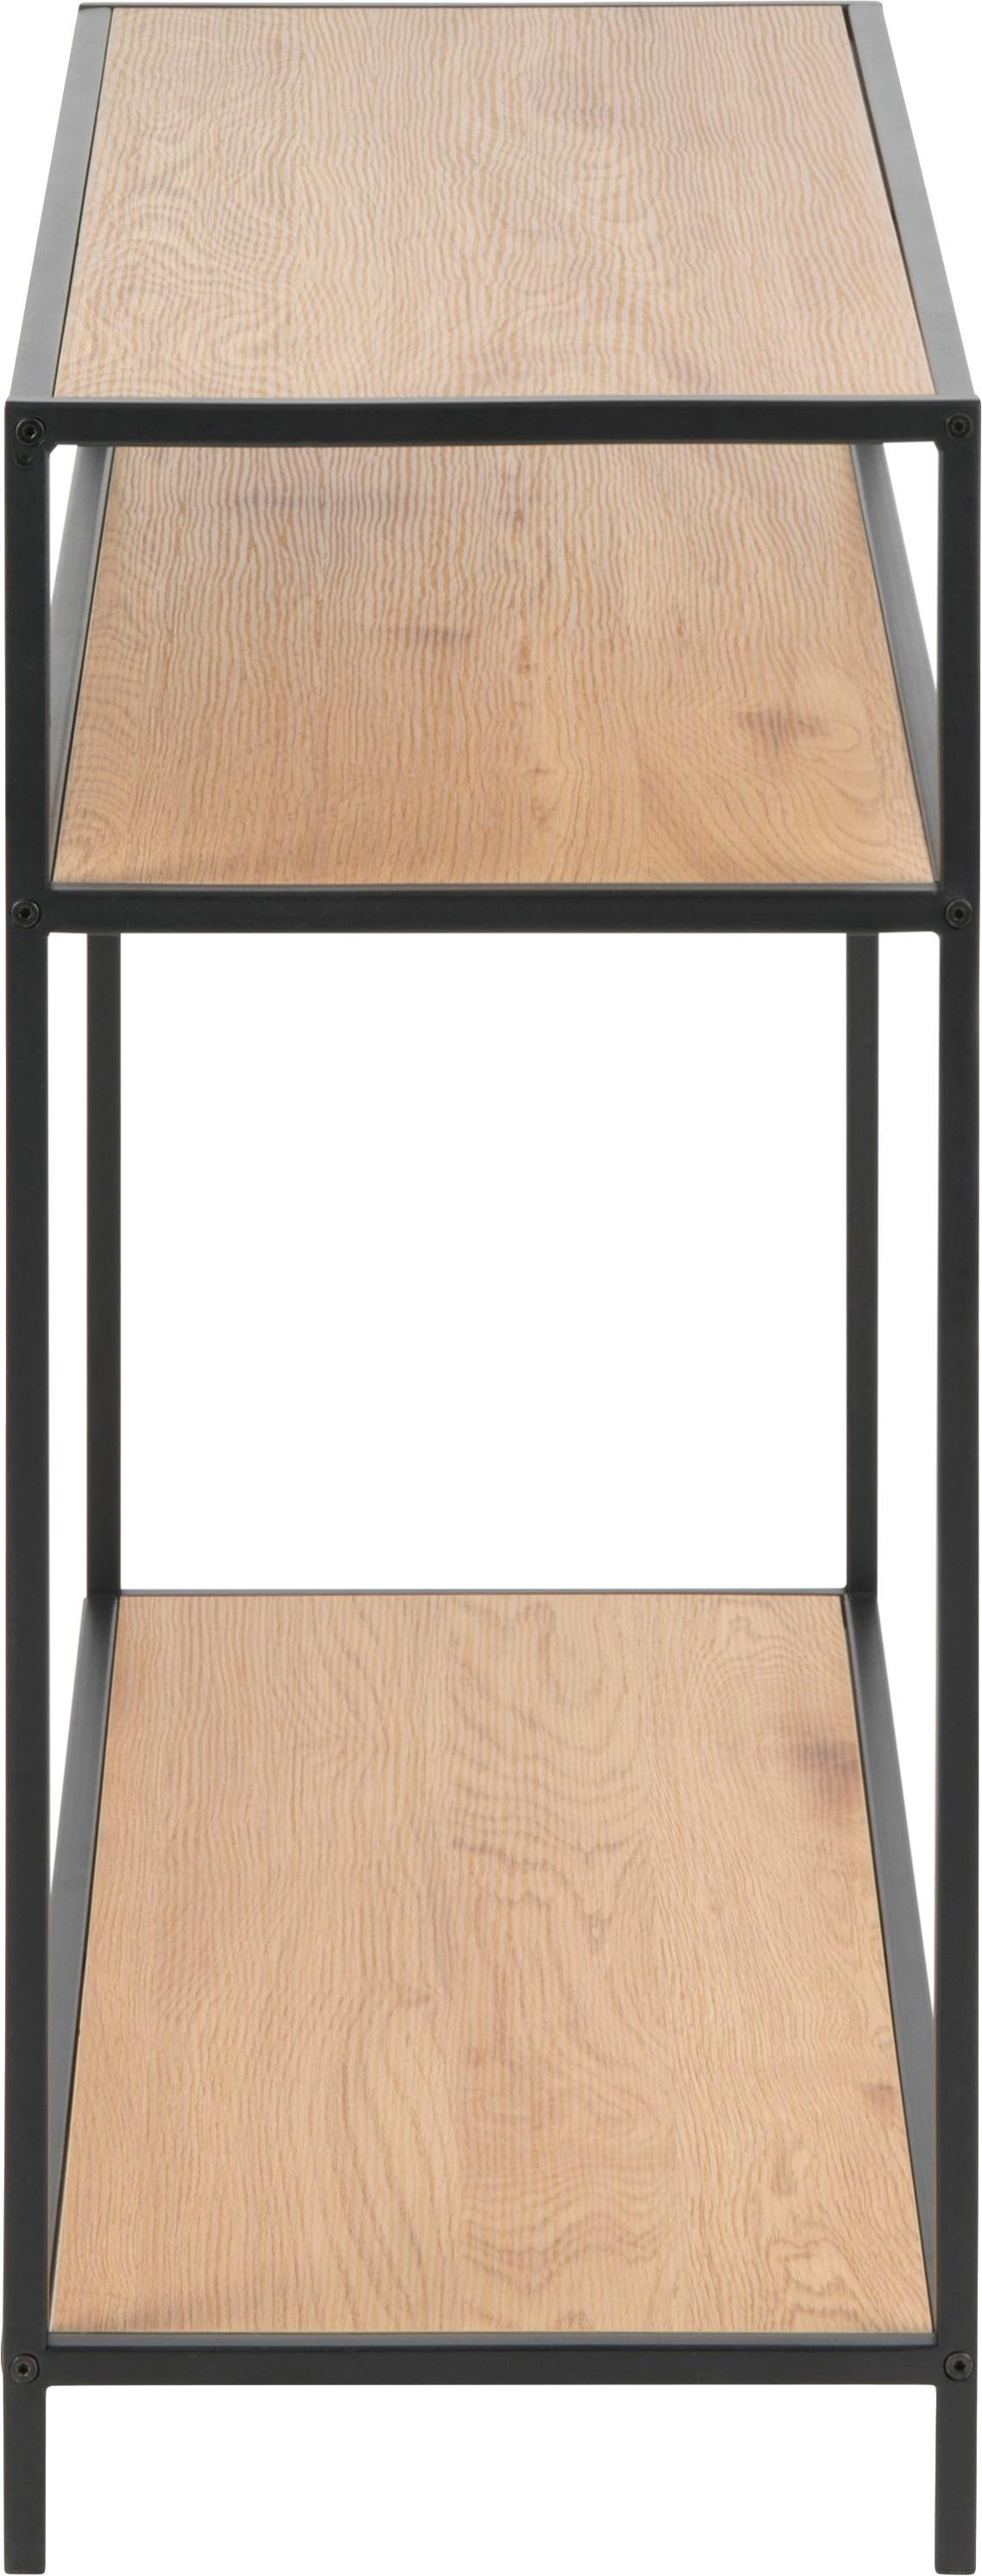 Konsole Seaford aus Holz und Metall, Einlegeböden: Mitteldichte Holzfaserpla, Gestell: Metall, pulverbeschichtet, Einlegeböden: Wildeiche Gestell: Schwarz, B 100 x T 35 cm